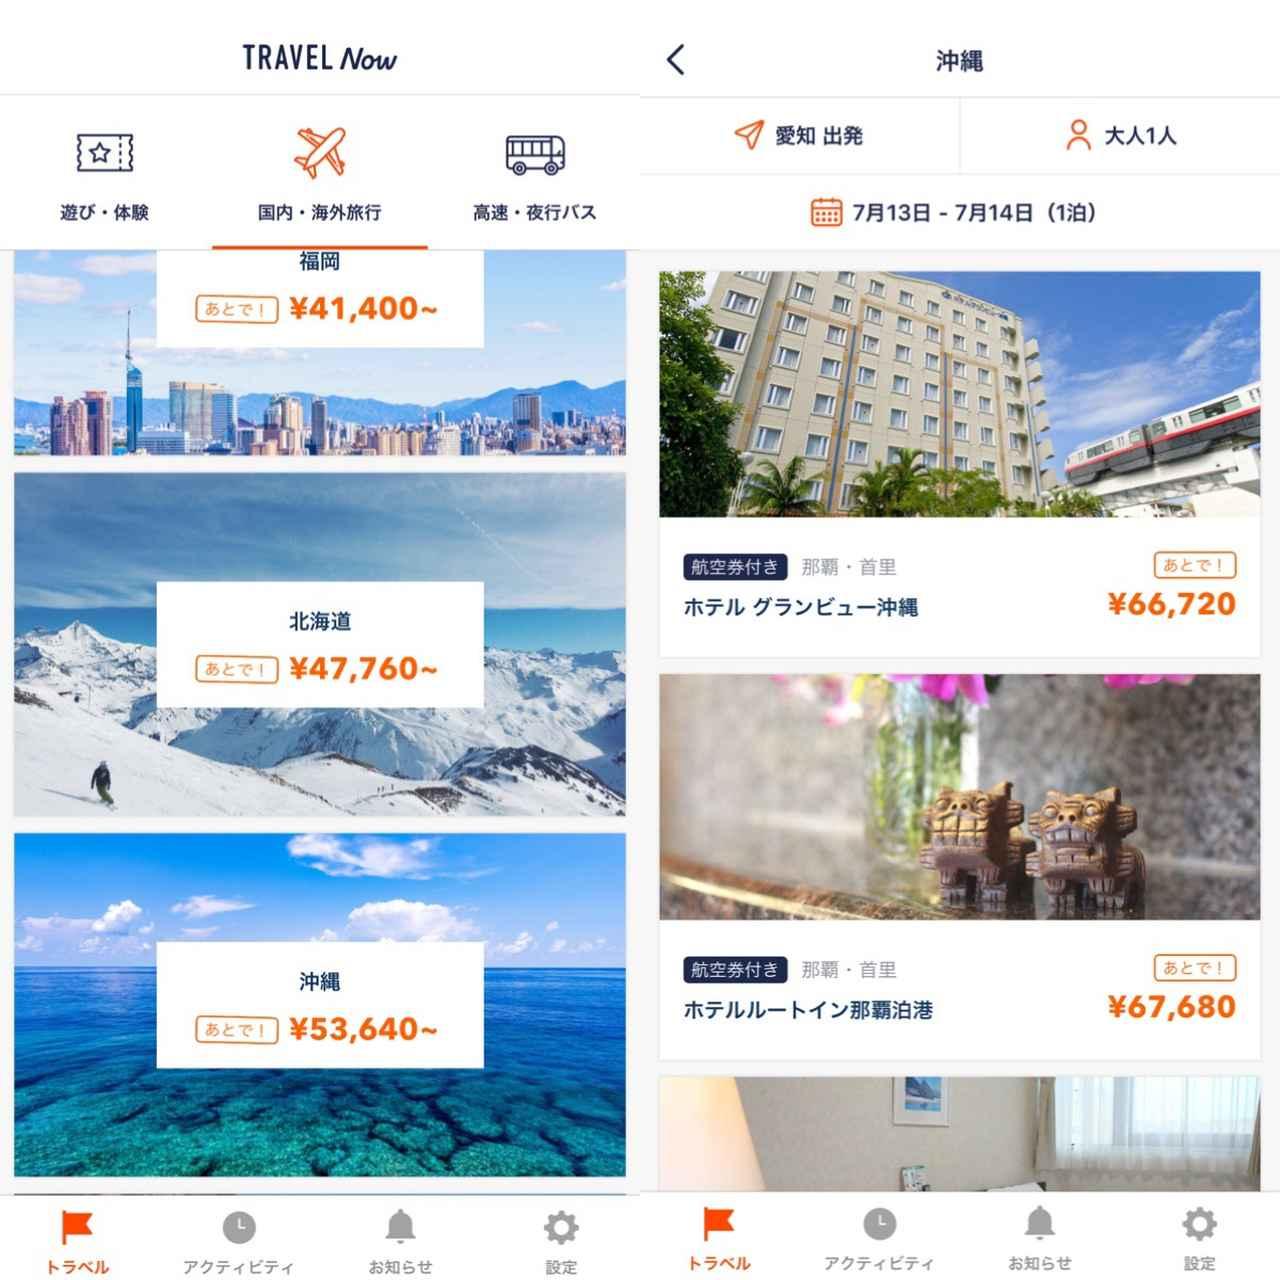 画像3: 国内も海外も。飛行機やバスの旅など色々選べます!